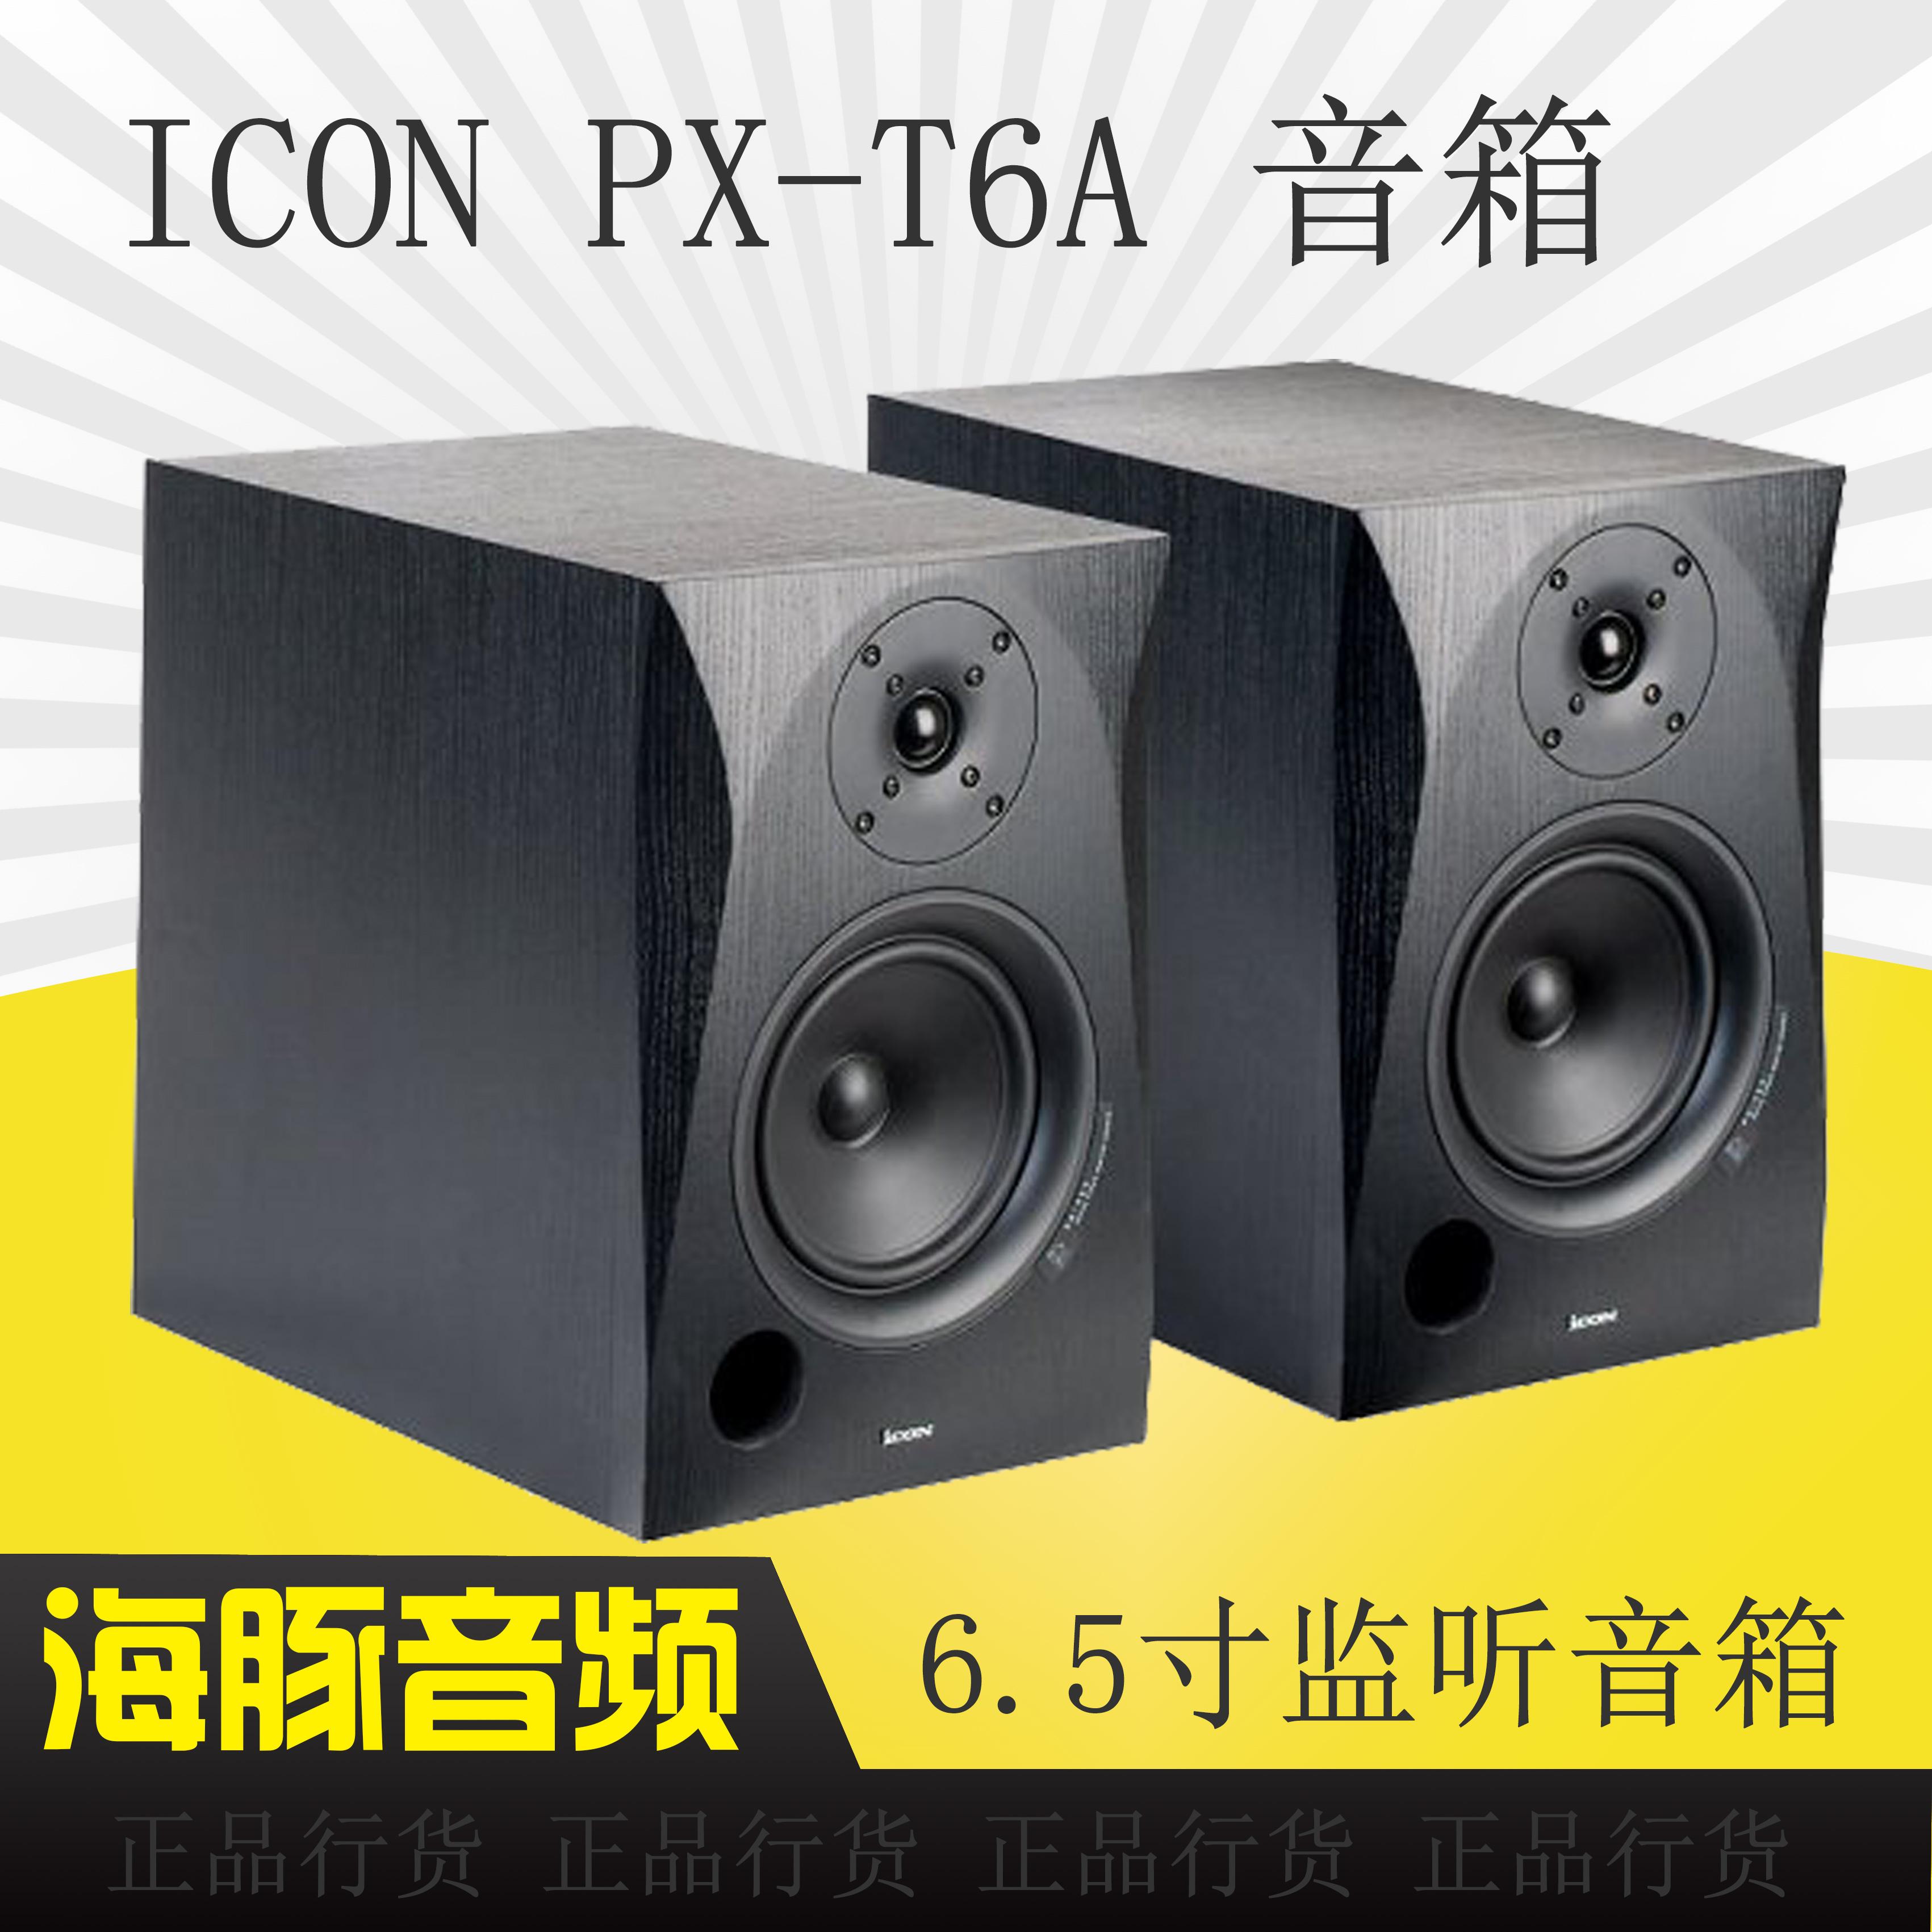 Loa theo dõi hoạt động Aiken ICON PX-T6A t6a G2 Studio Phòng thu âm 6,5 inch T5A G2 - Loa loa